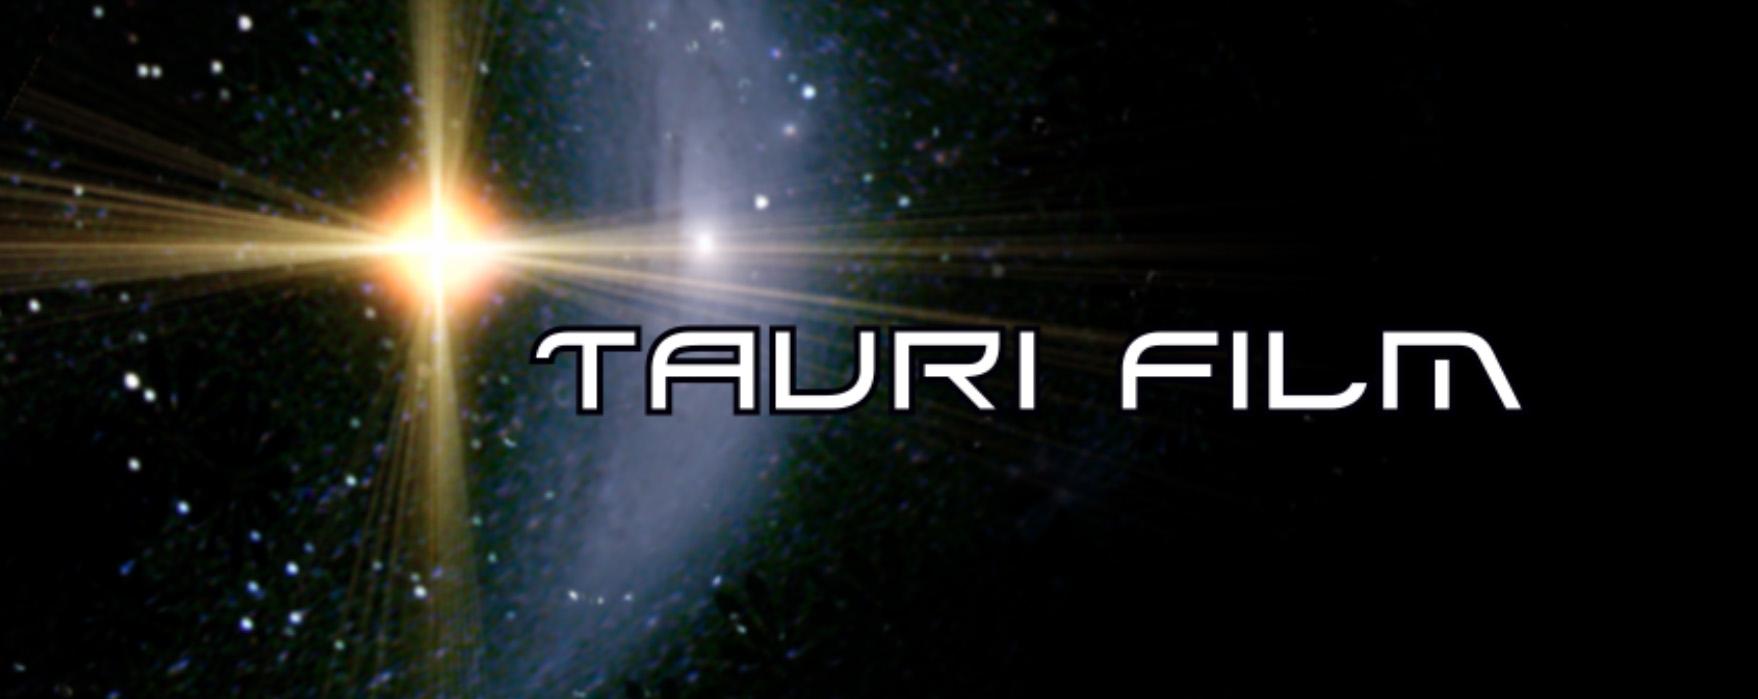 Tauri Film, Partner der Späth'schen Baumschulen